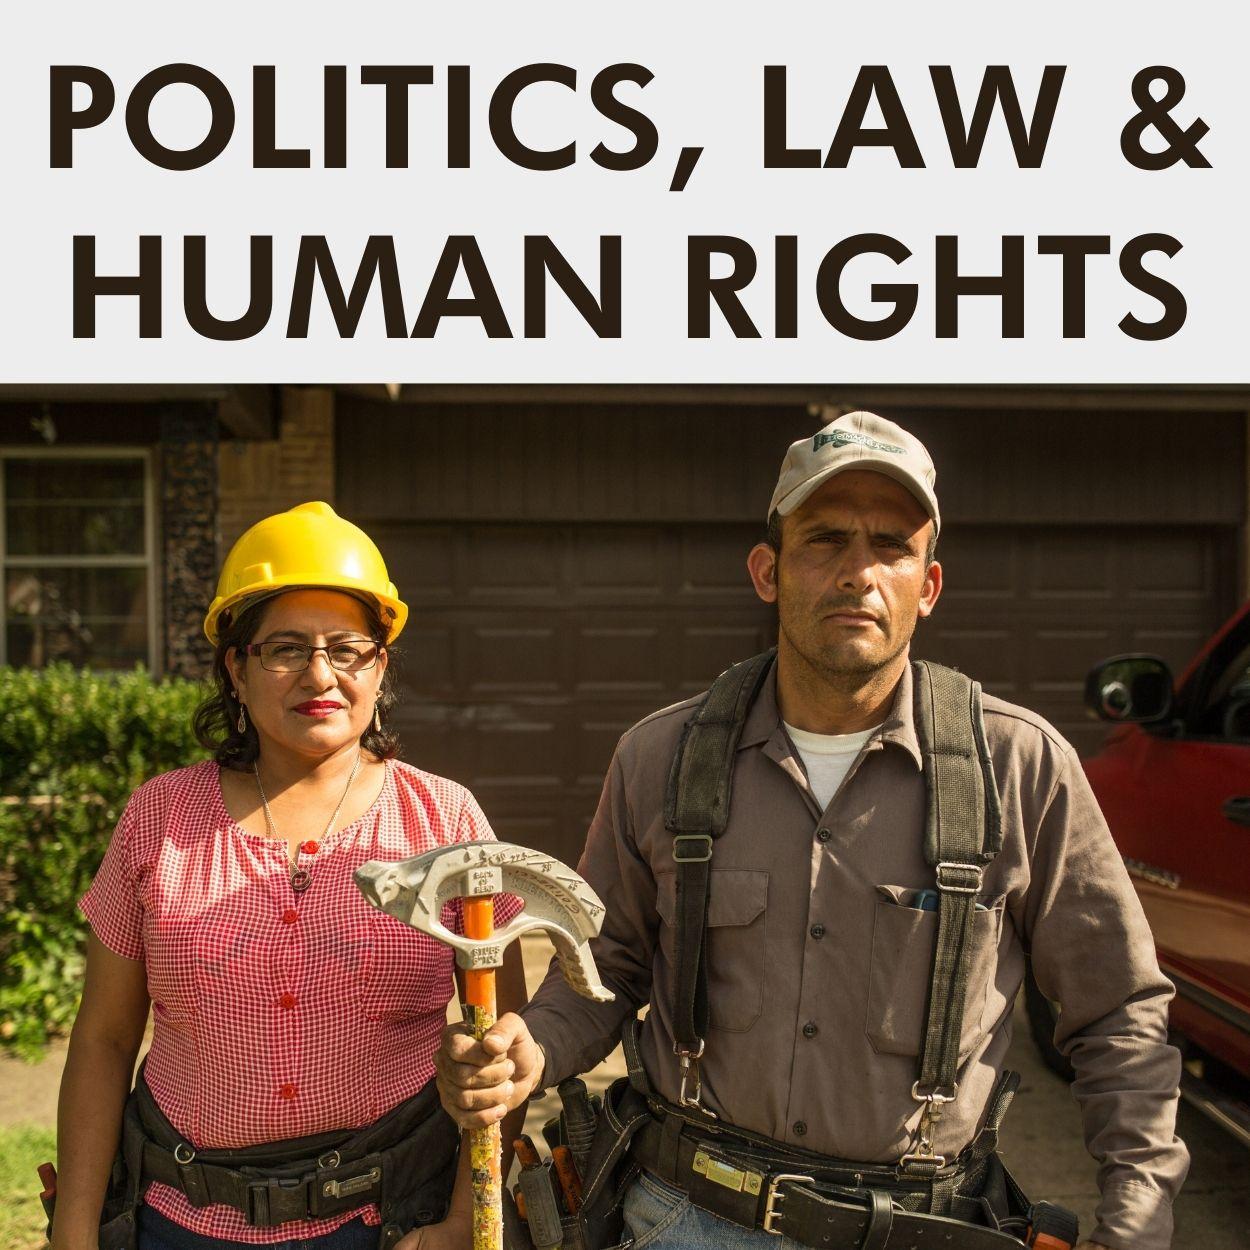 POLITICS, LAW & HUMAN RIGHTS (3)